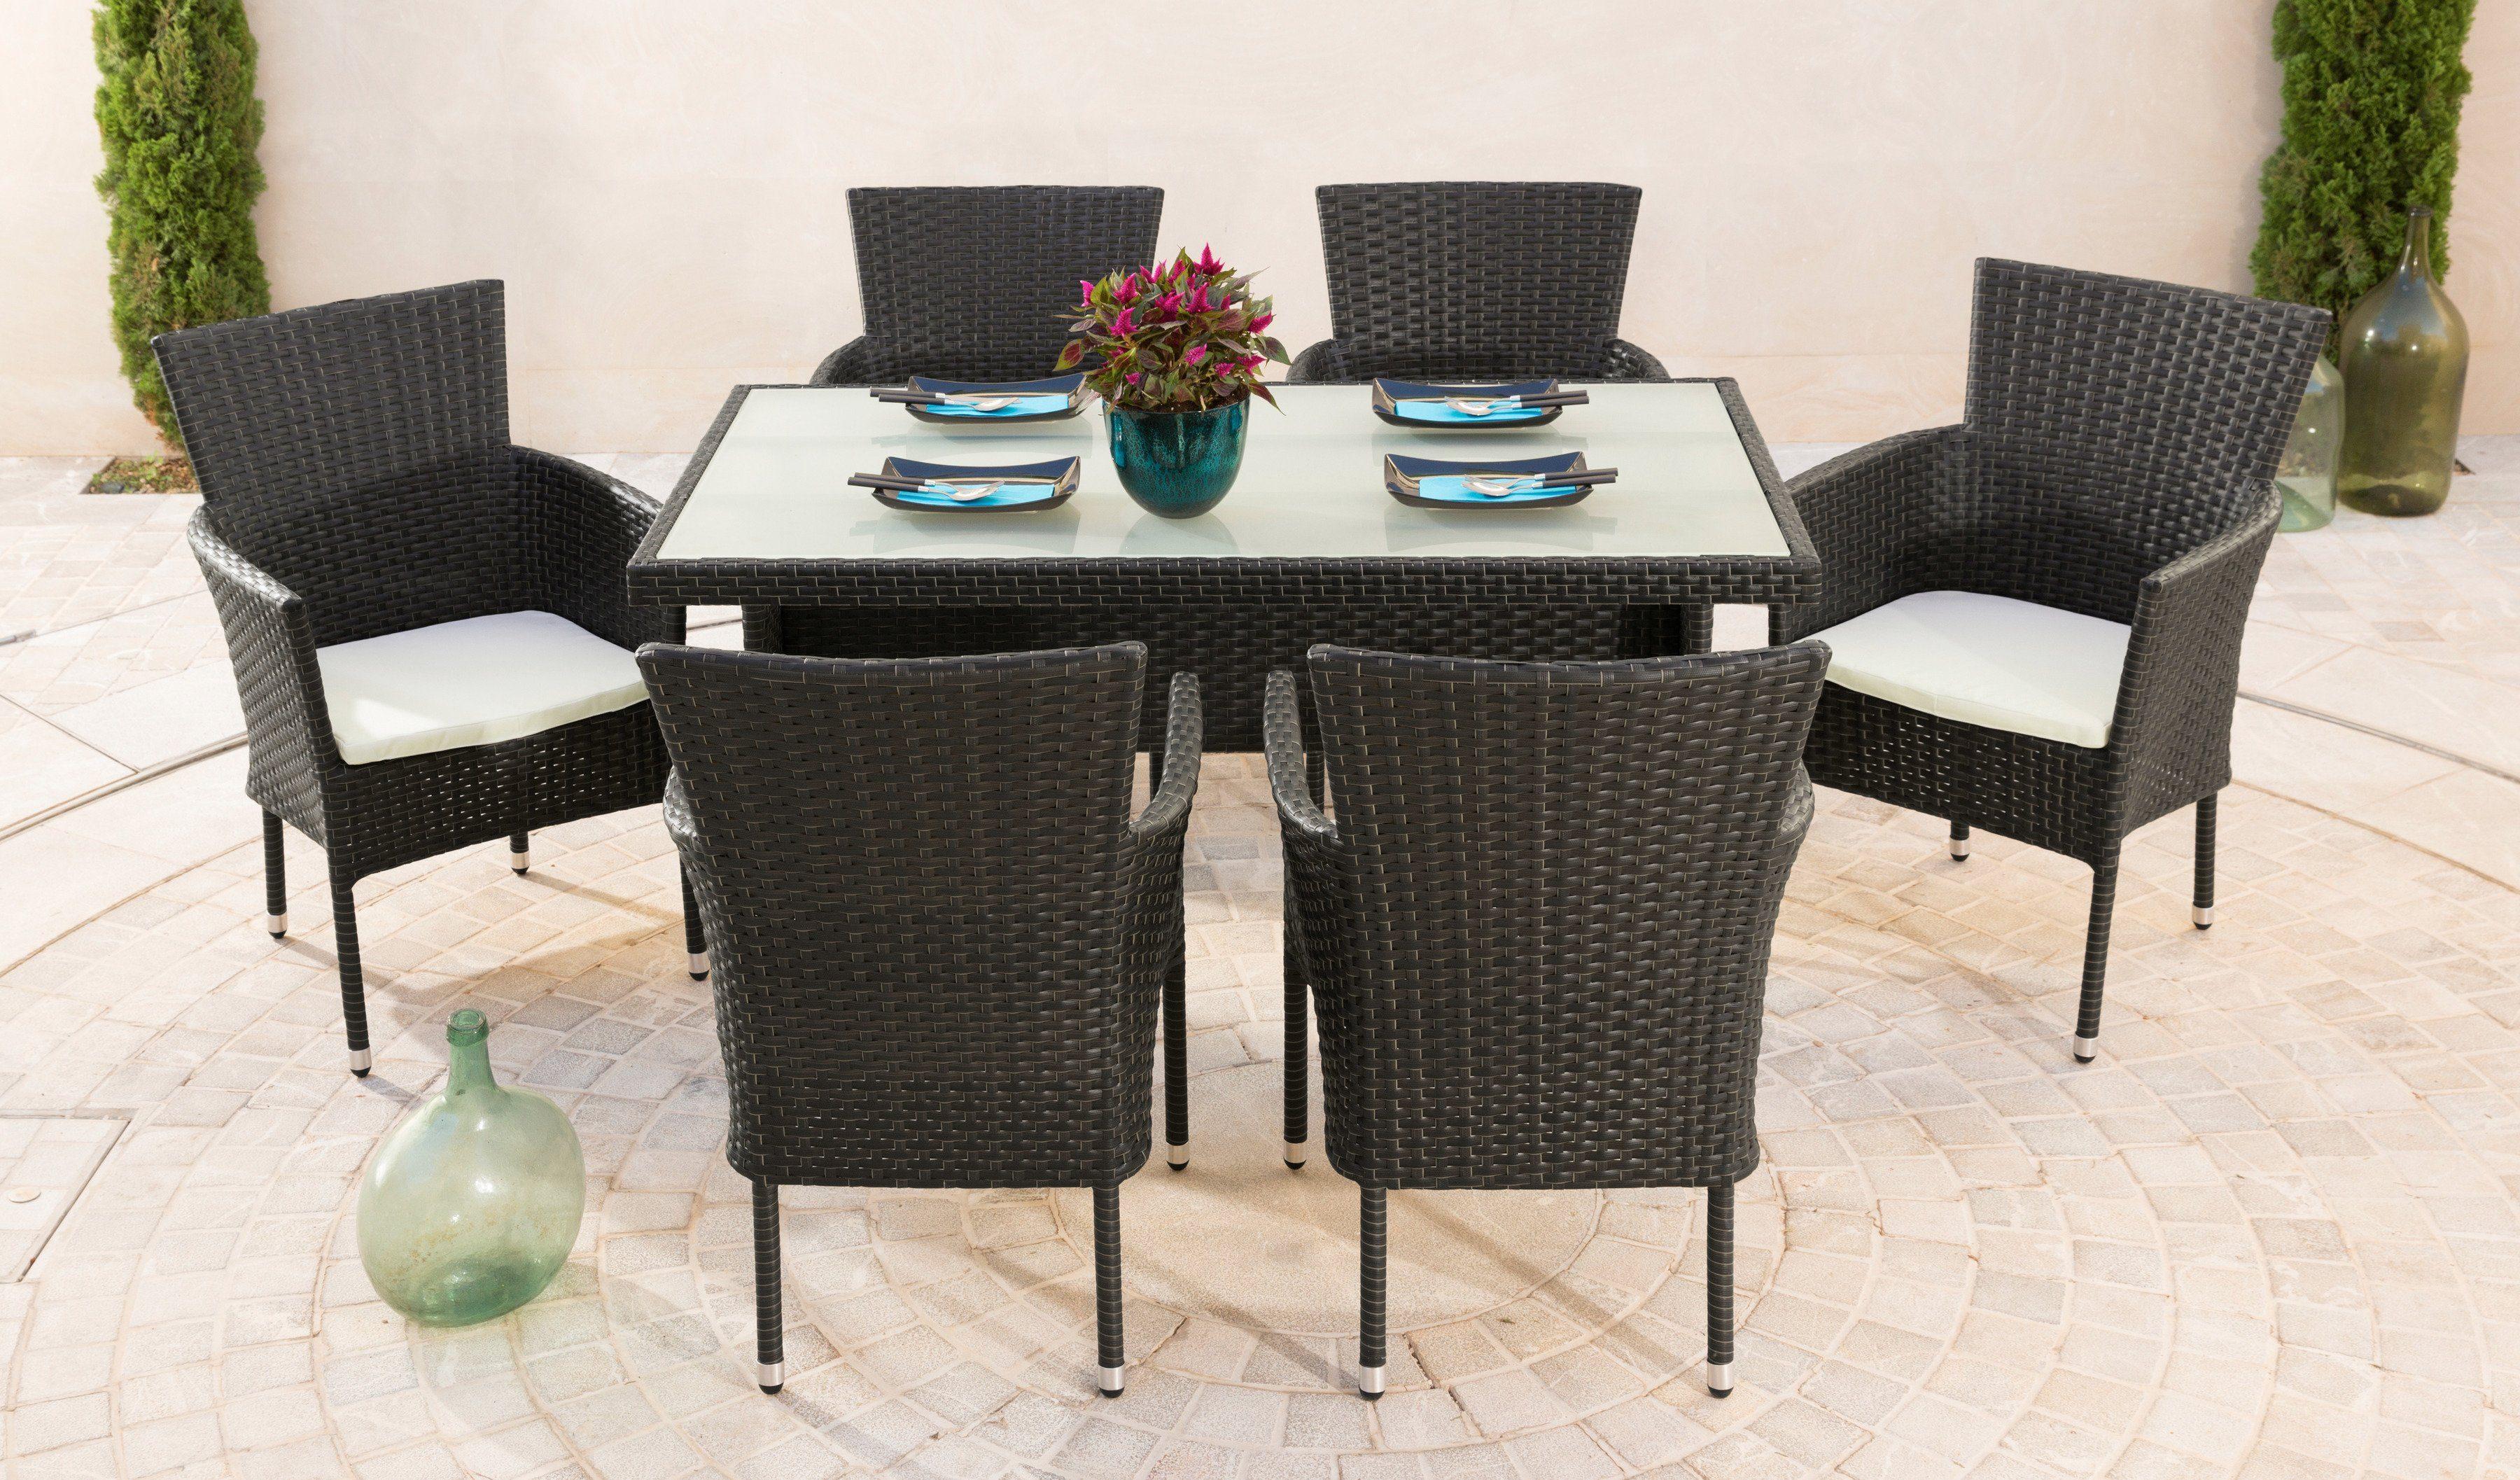 Gartenmöbelset »Trentino«, 6 Sessel, Tisch 140x80 cm, Polyrattan, braun